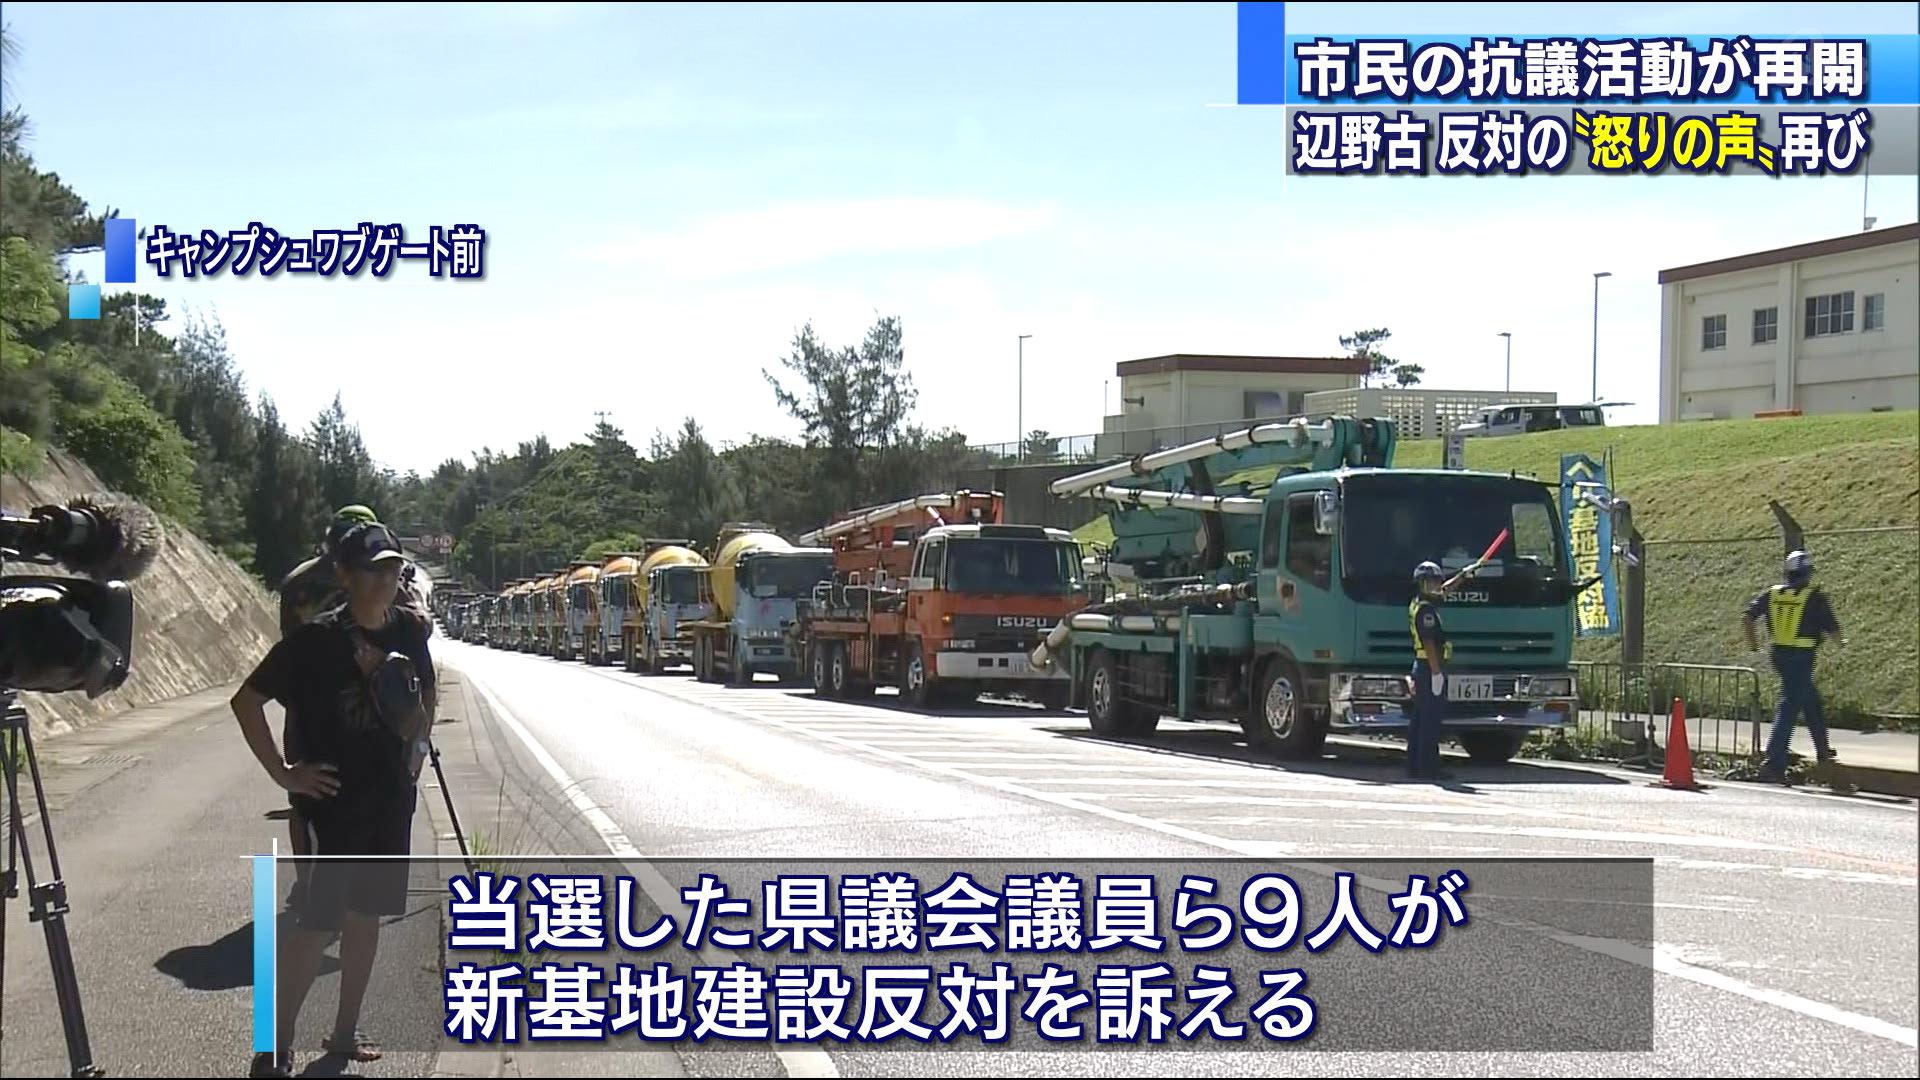 辺野古新基地建設再開で抗議活動も再開